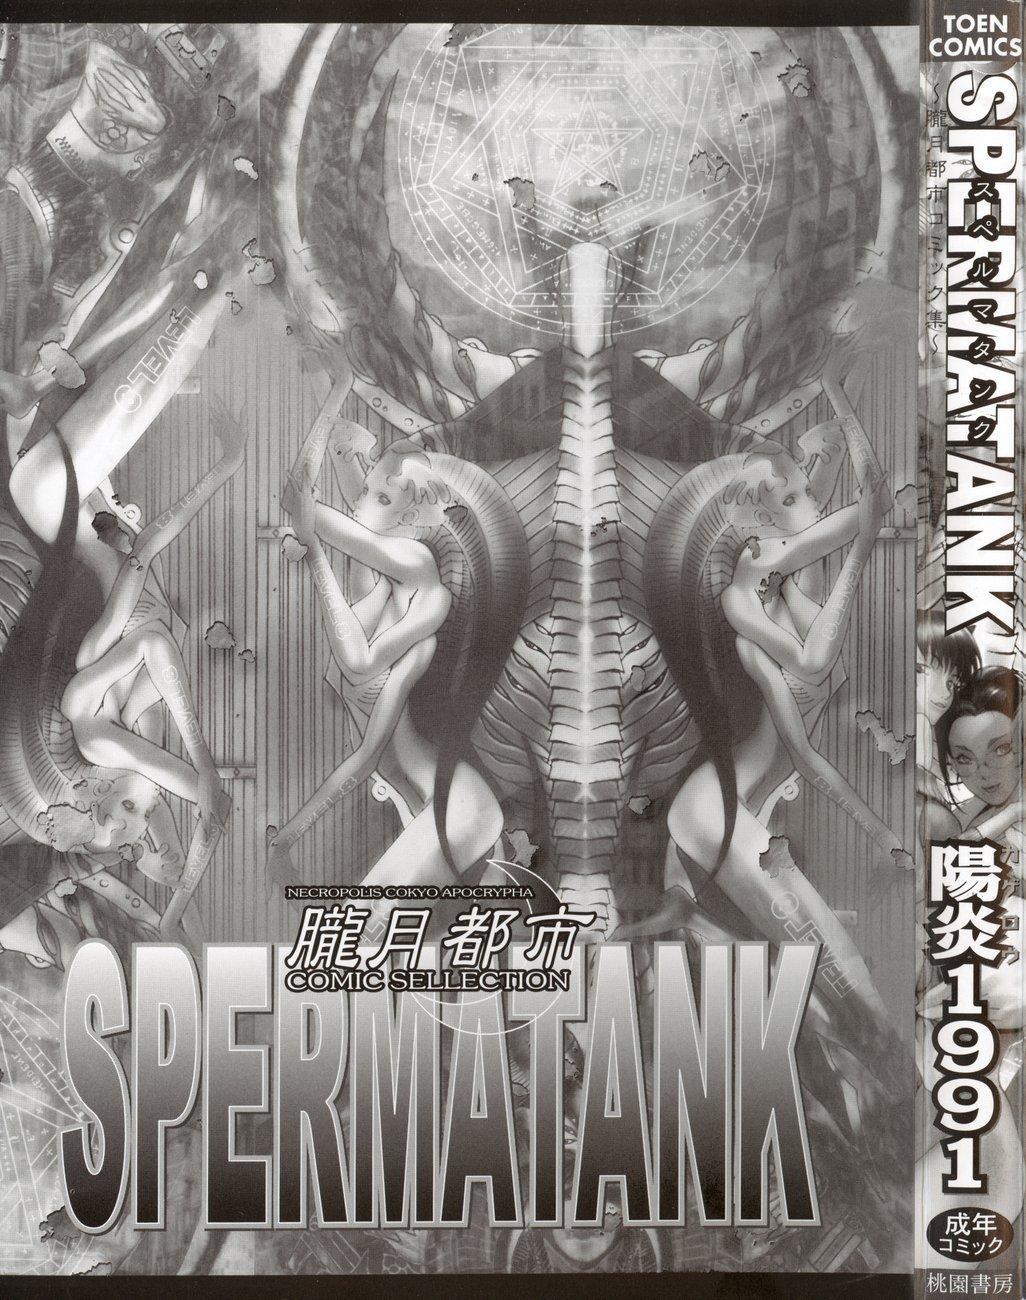 [Kagerou 1991] Spermatank ~Oborozuki Toshi Comic Shuu~ - Necropolis Cokyo Apocrypha 1